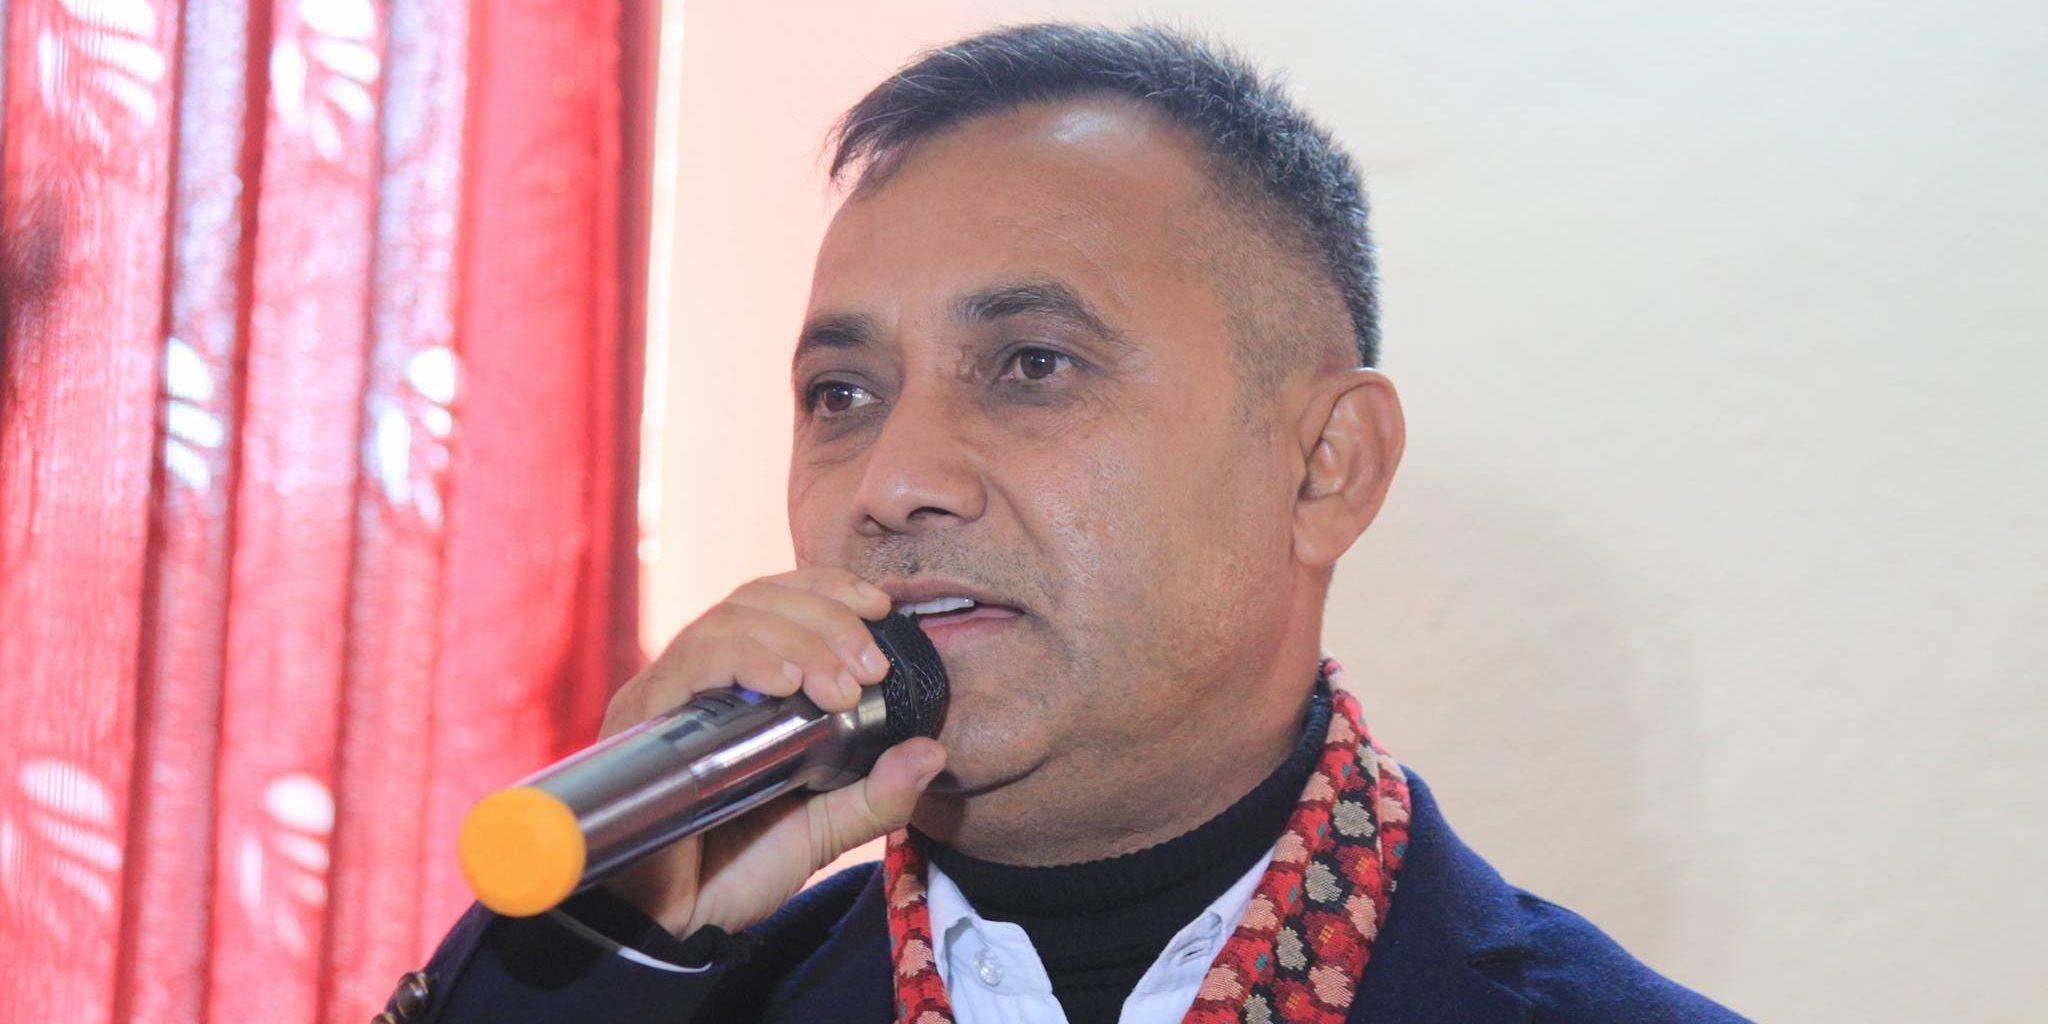 रुकुम हत्याकाण्डमा कानून हातमा लिनेलाई कारवाही गरियोस् : काँग्रेस